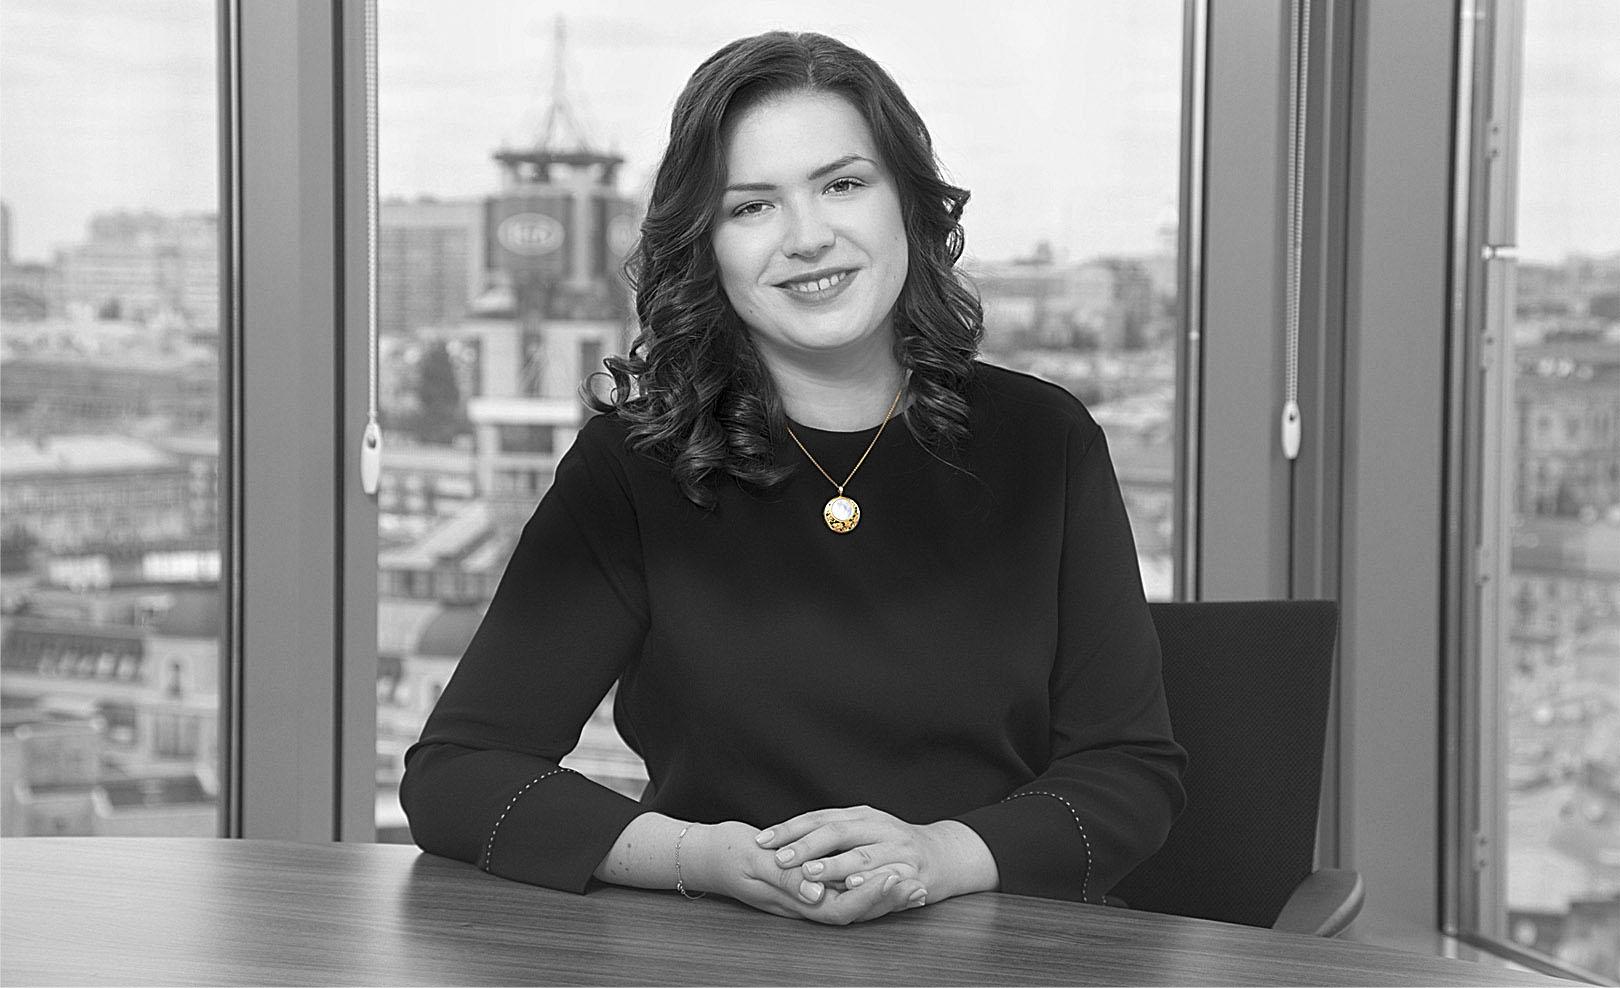 Что будет после капитализма? Размышляет Елена Бойцун, директор по инвестициям, Центральная и Восточная Европа, Luminate/Omidyar Network